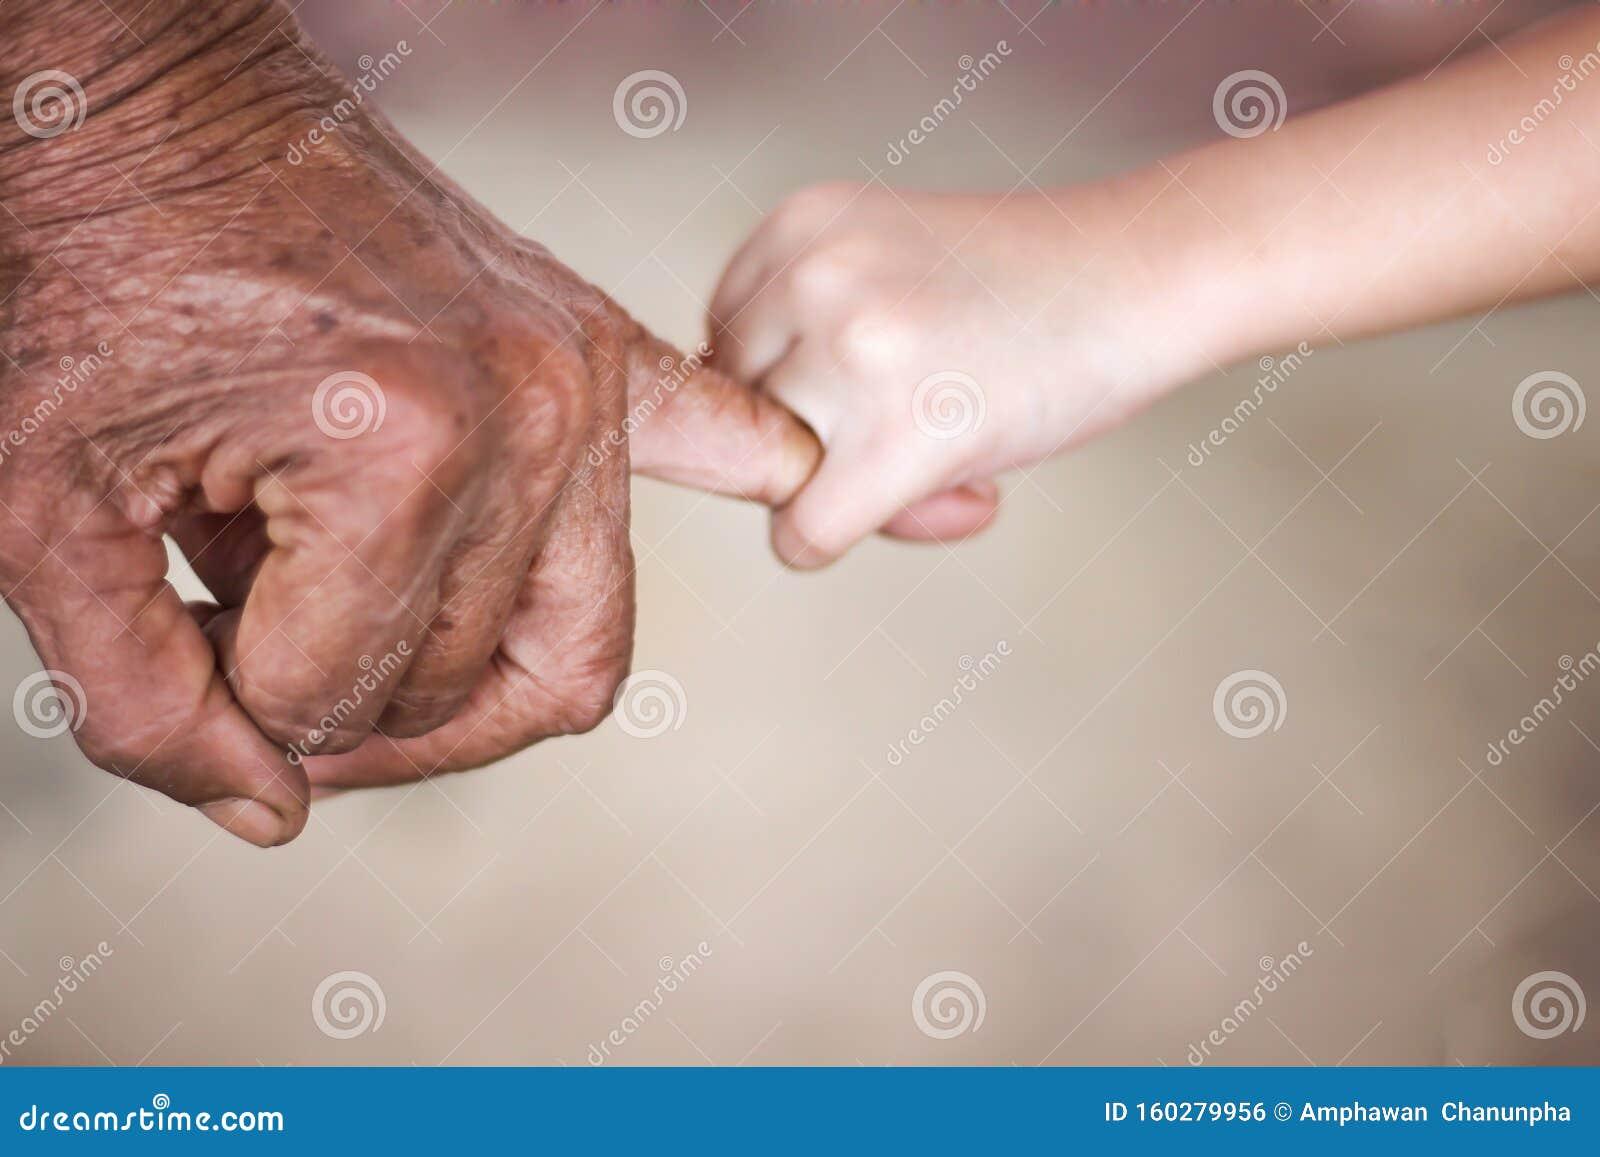 Γριά ασιάτισσα με ρυτίδες χέρι και κορίτσι που υπόσχεται ένα μικρό πράγμα  Στοκ Εικόνες - εικόνα από lifestyle, childhood: 160279956